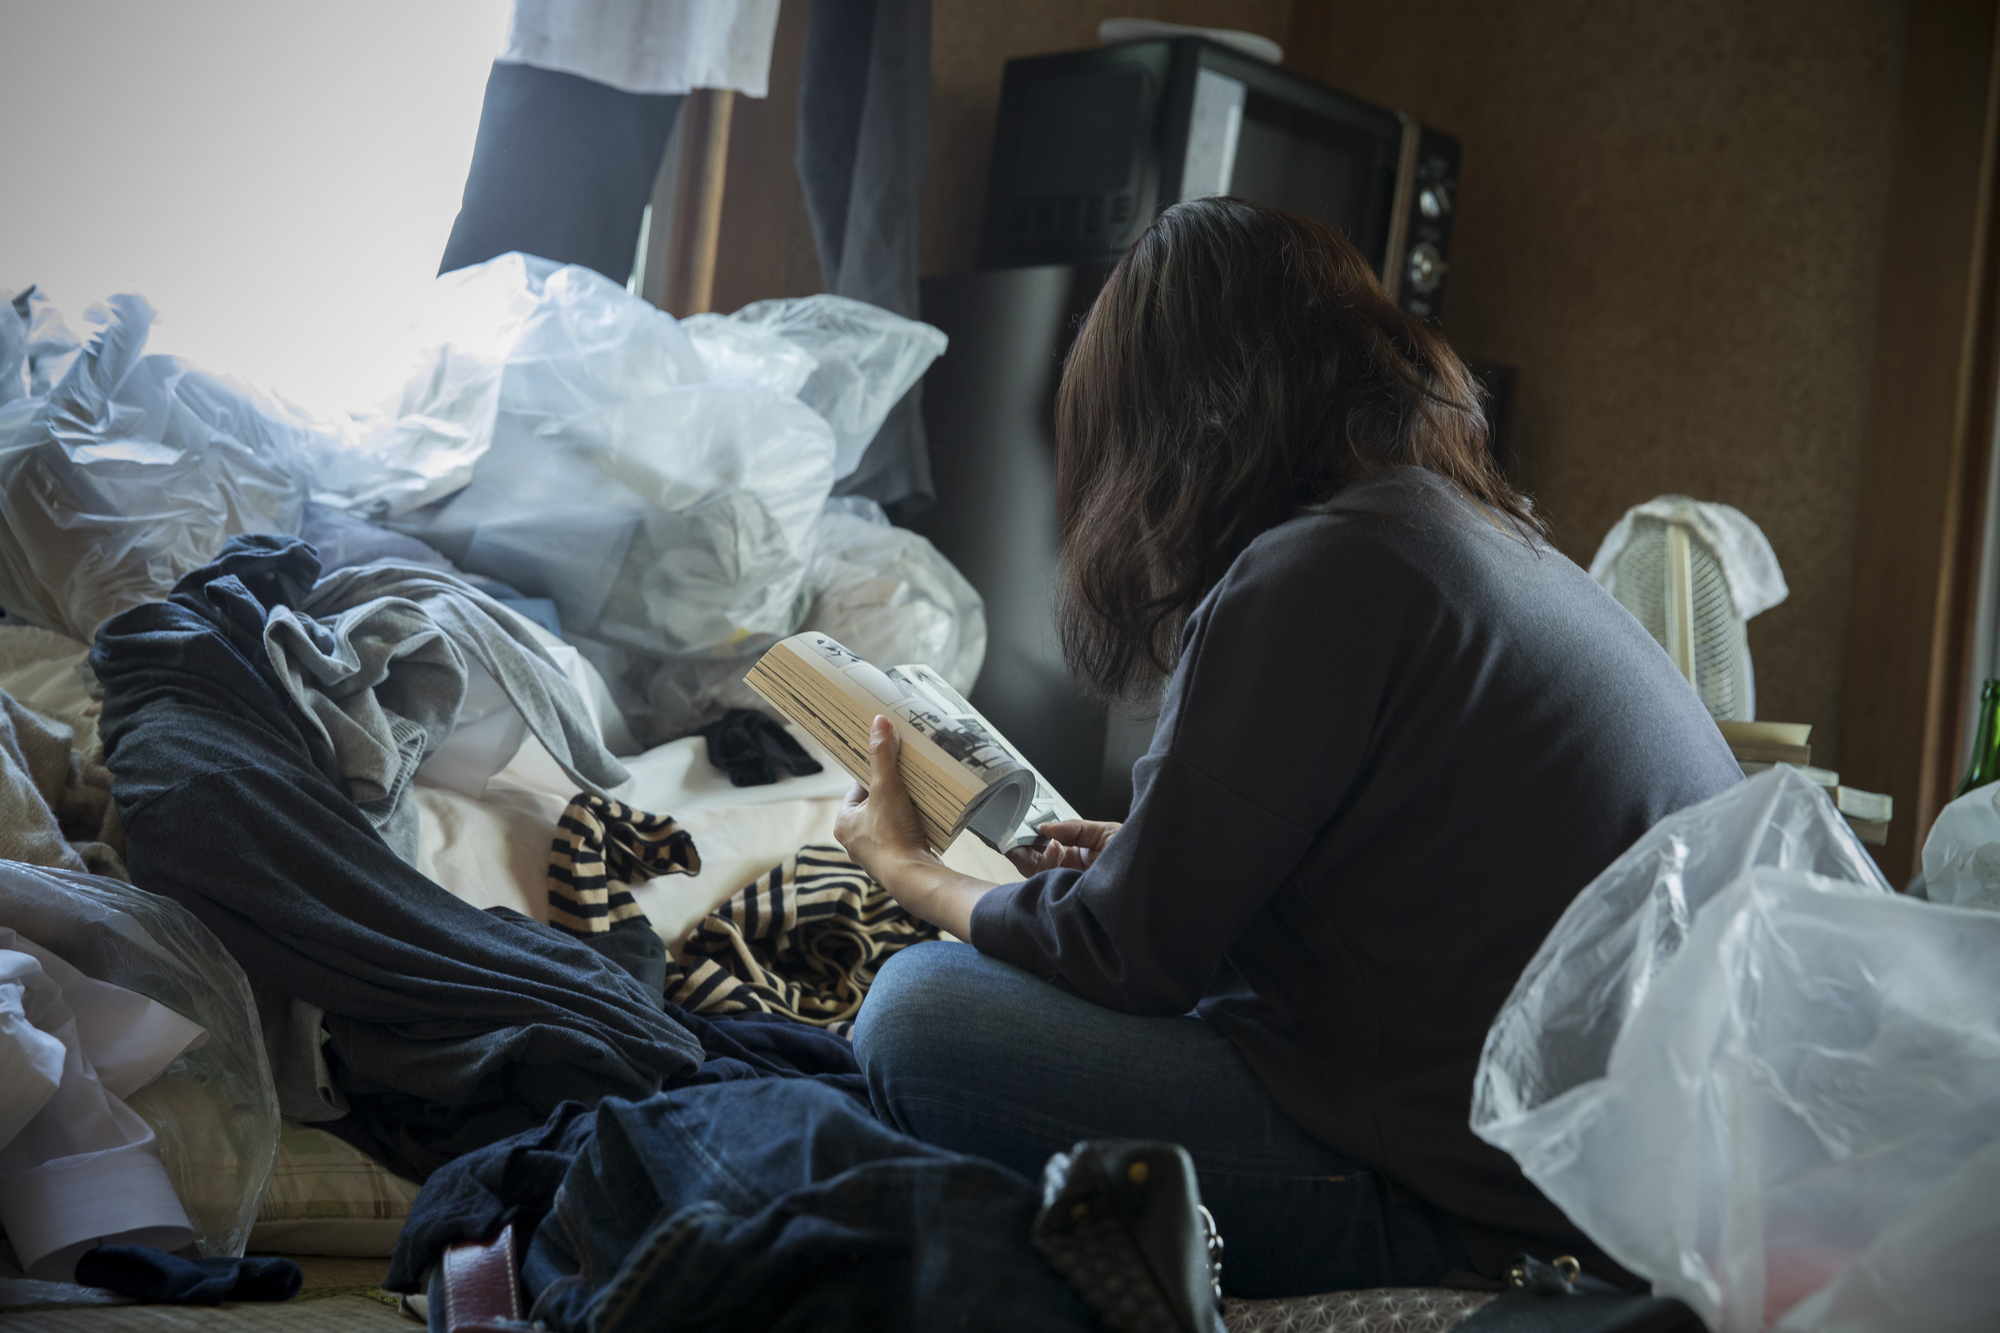 ゴミ屋敷の中で本を読む女性